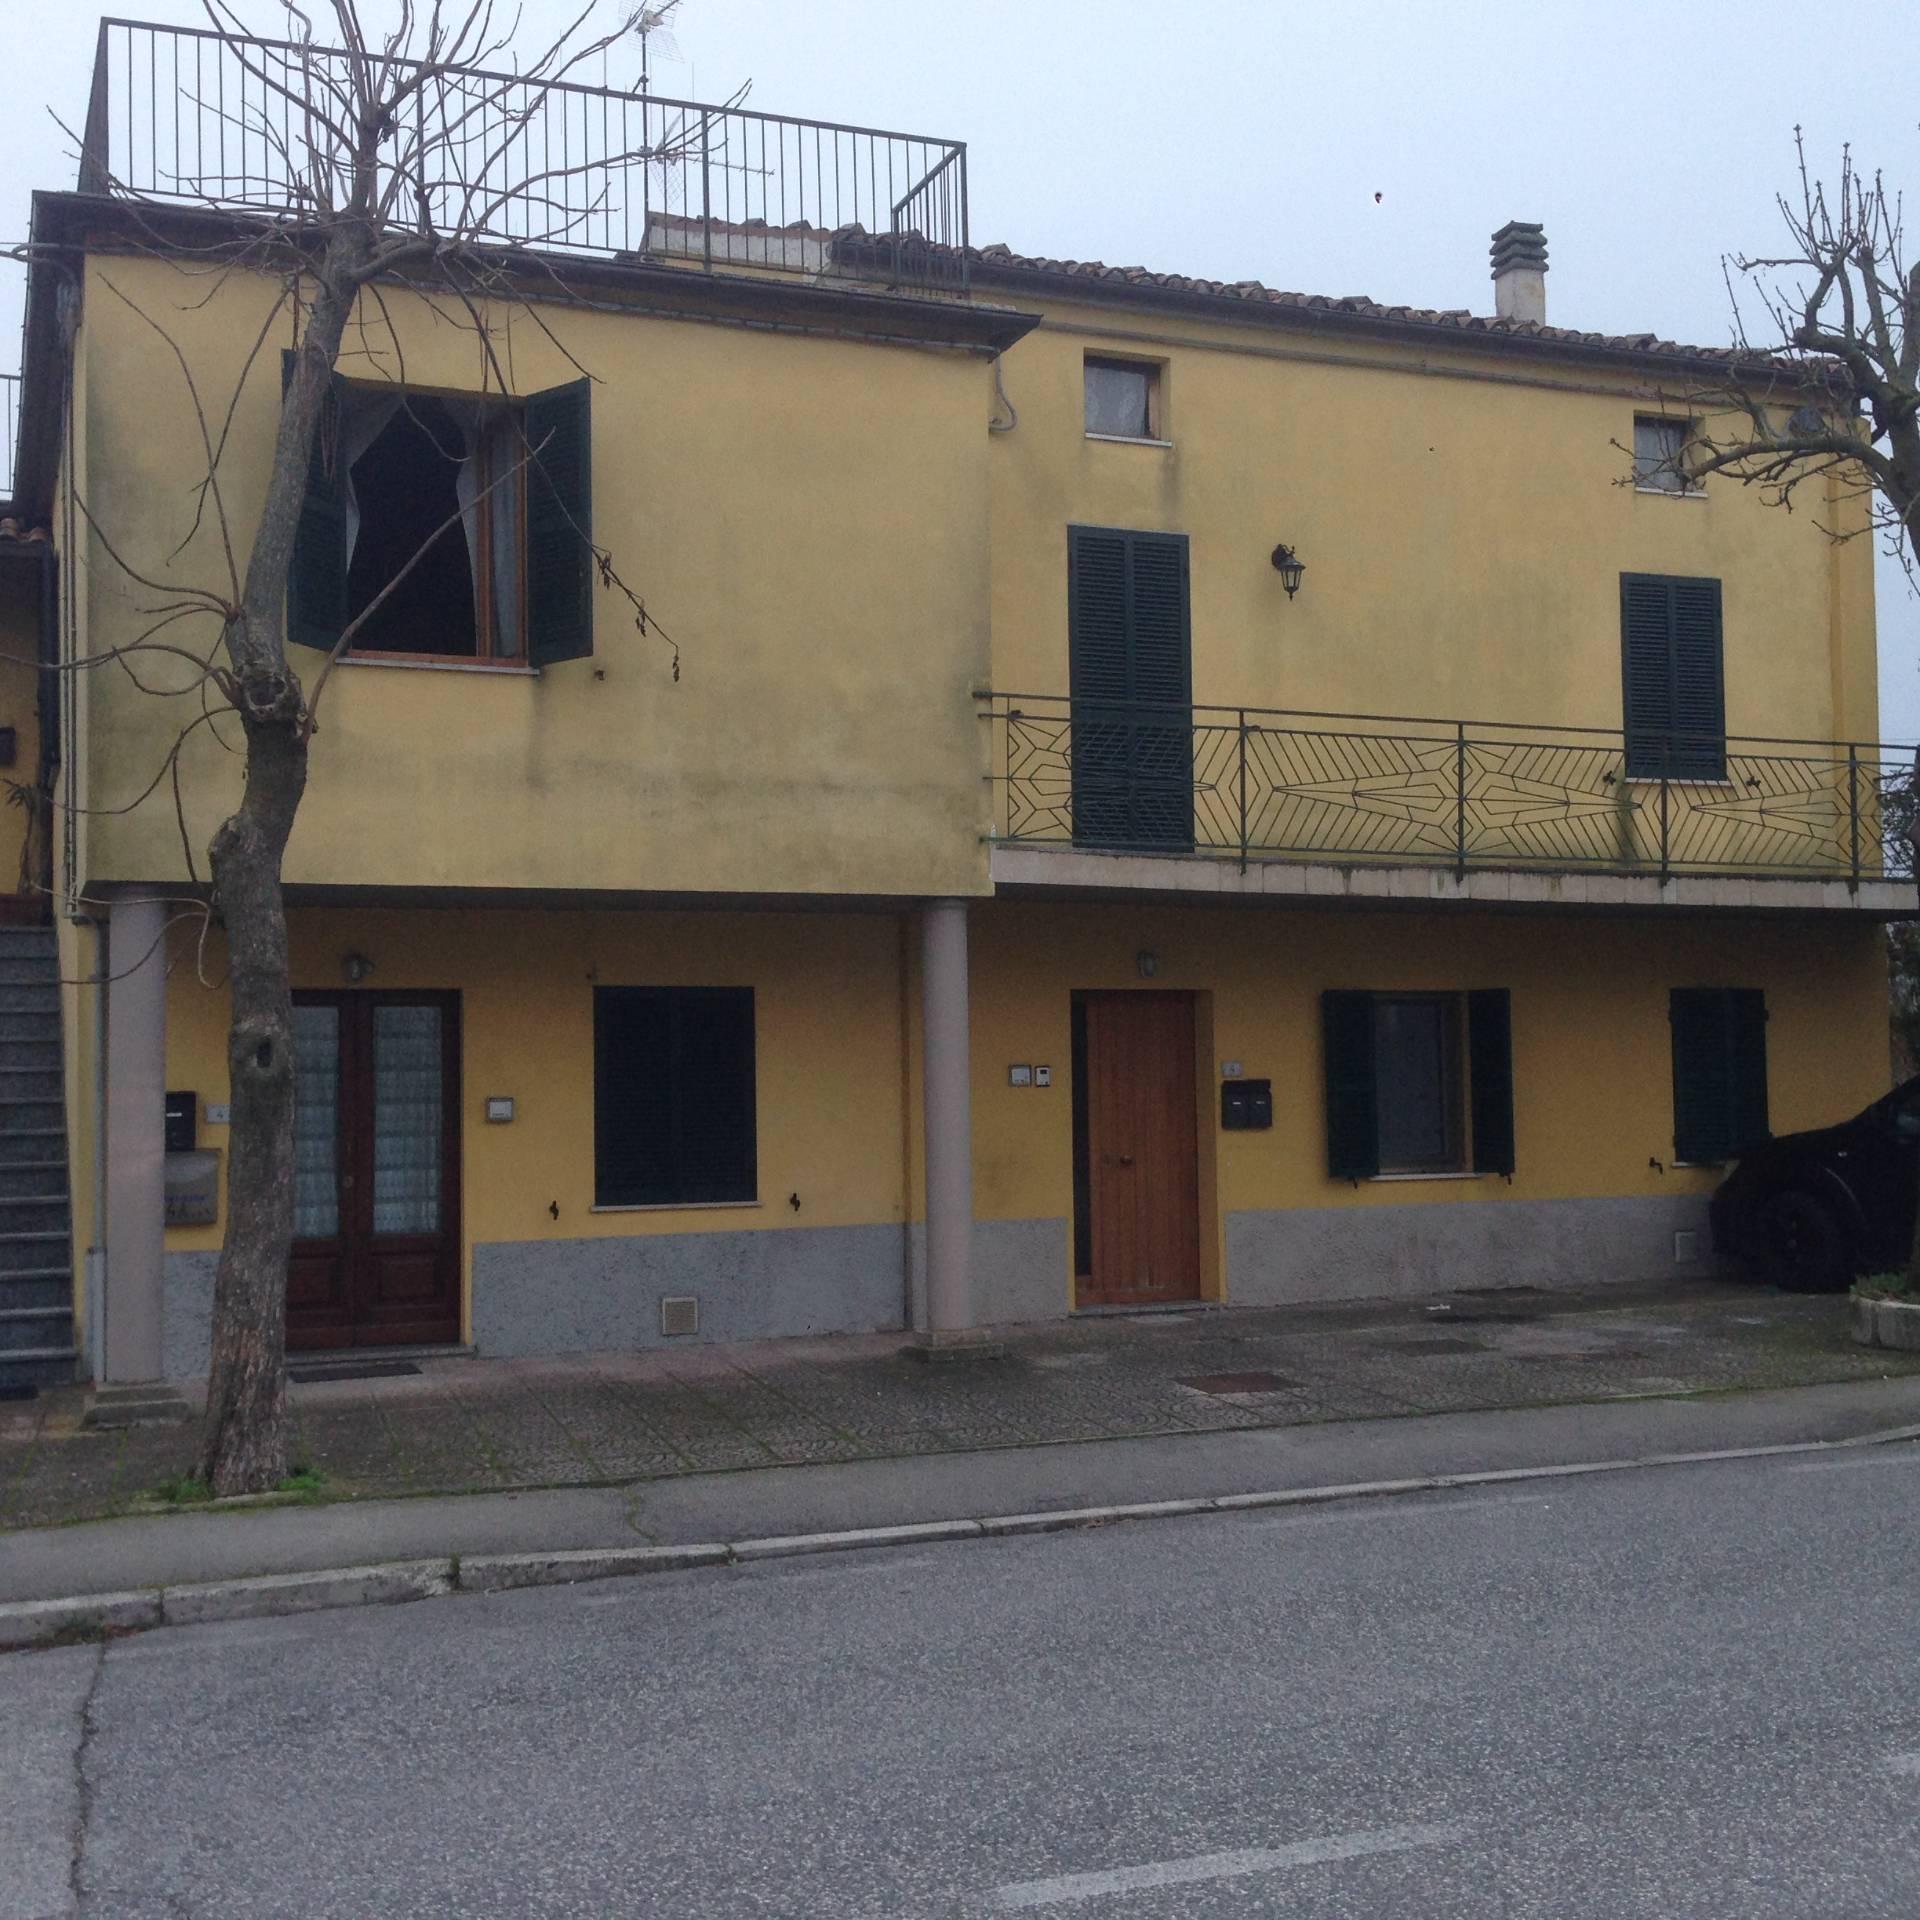 Soluzione Indipendente in vendita a Sassoferrato, 1 locali, Trattative riservate   CambioCasa.it